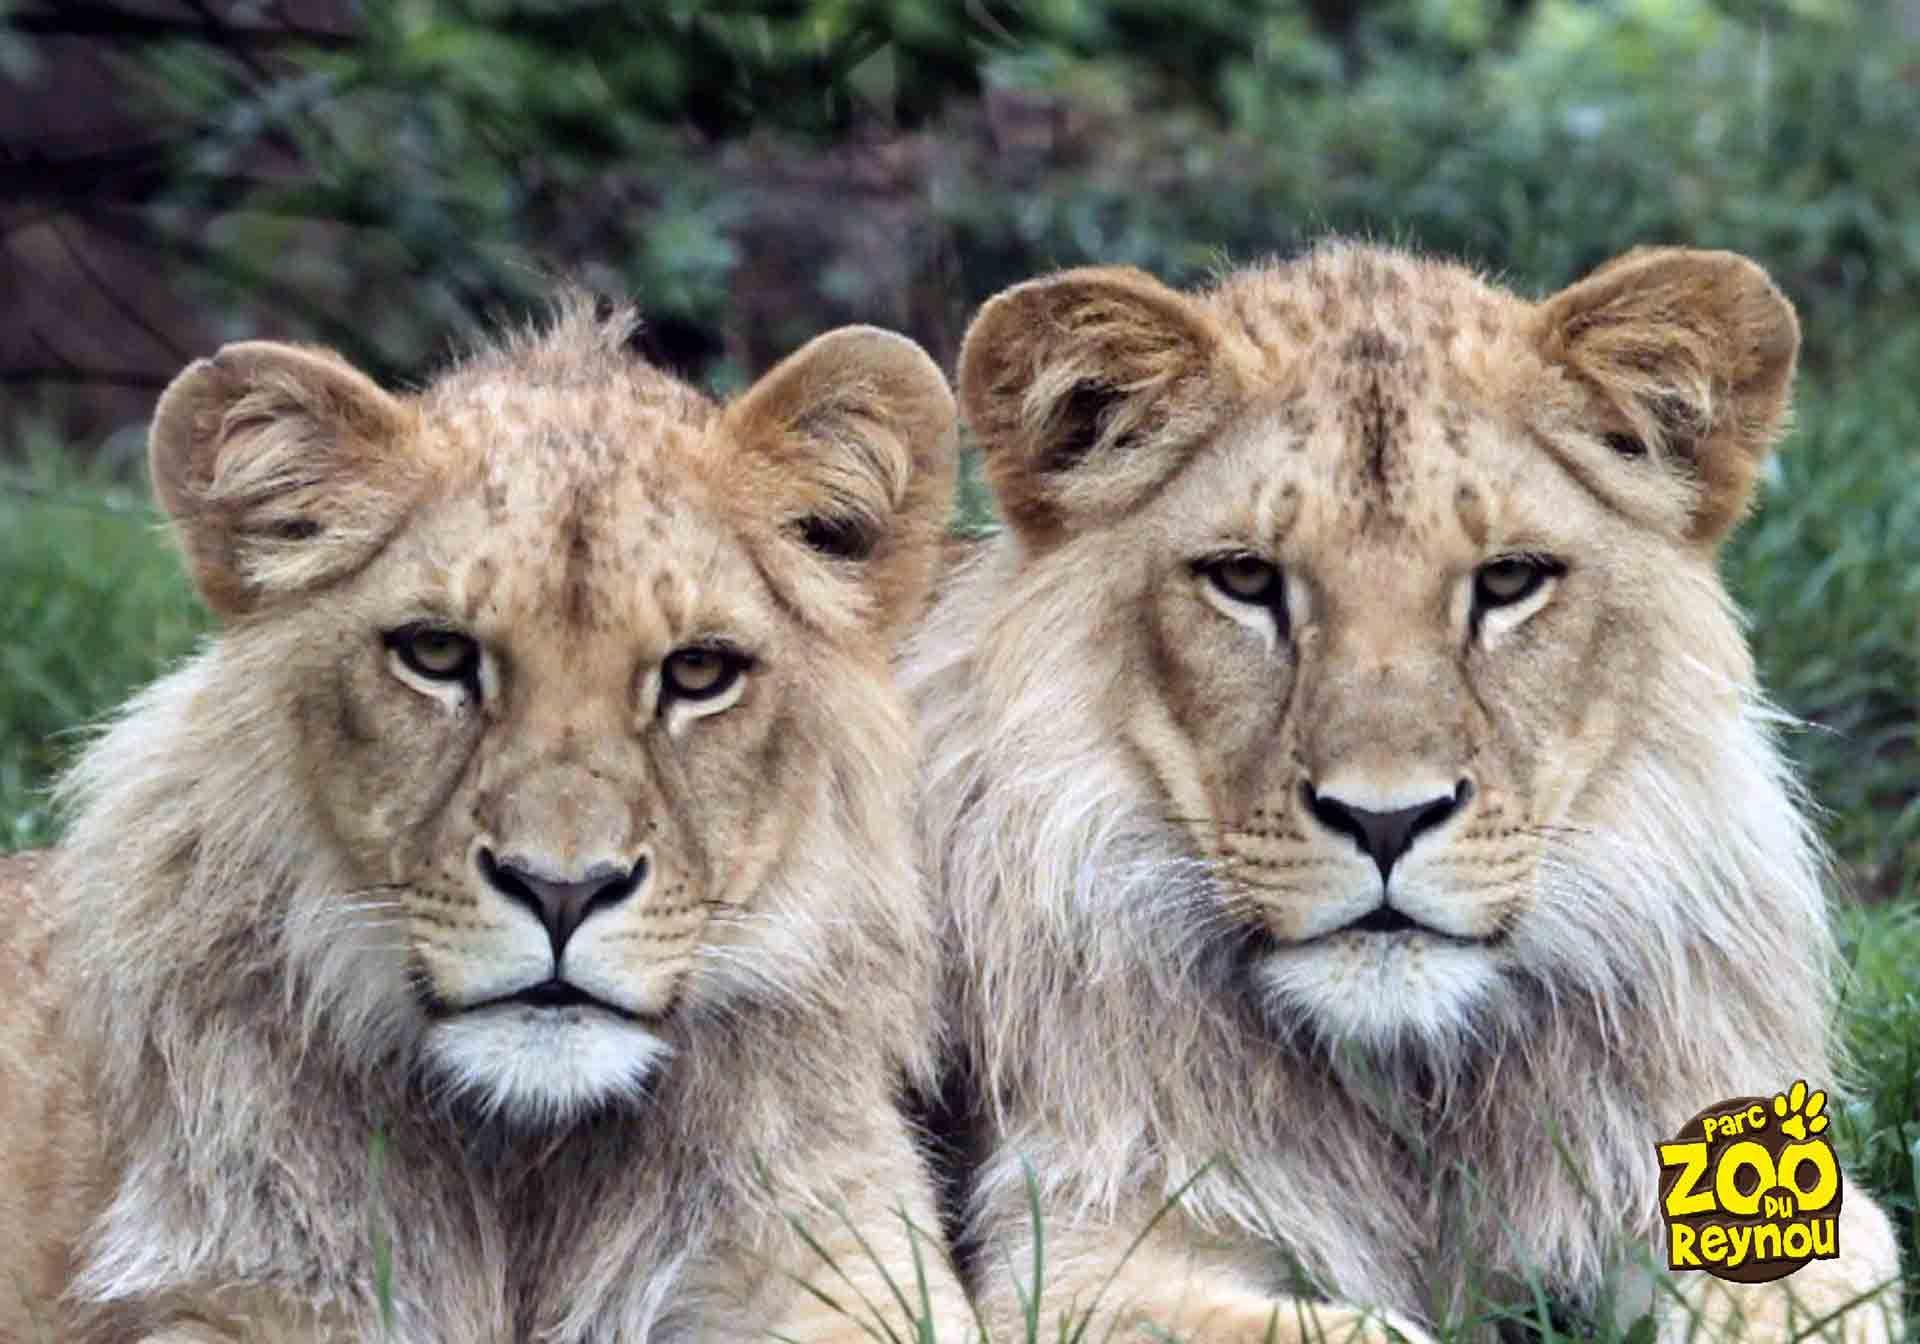 Les lions d'Angola du Parc Zoo du Reynou